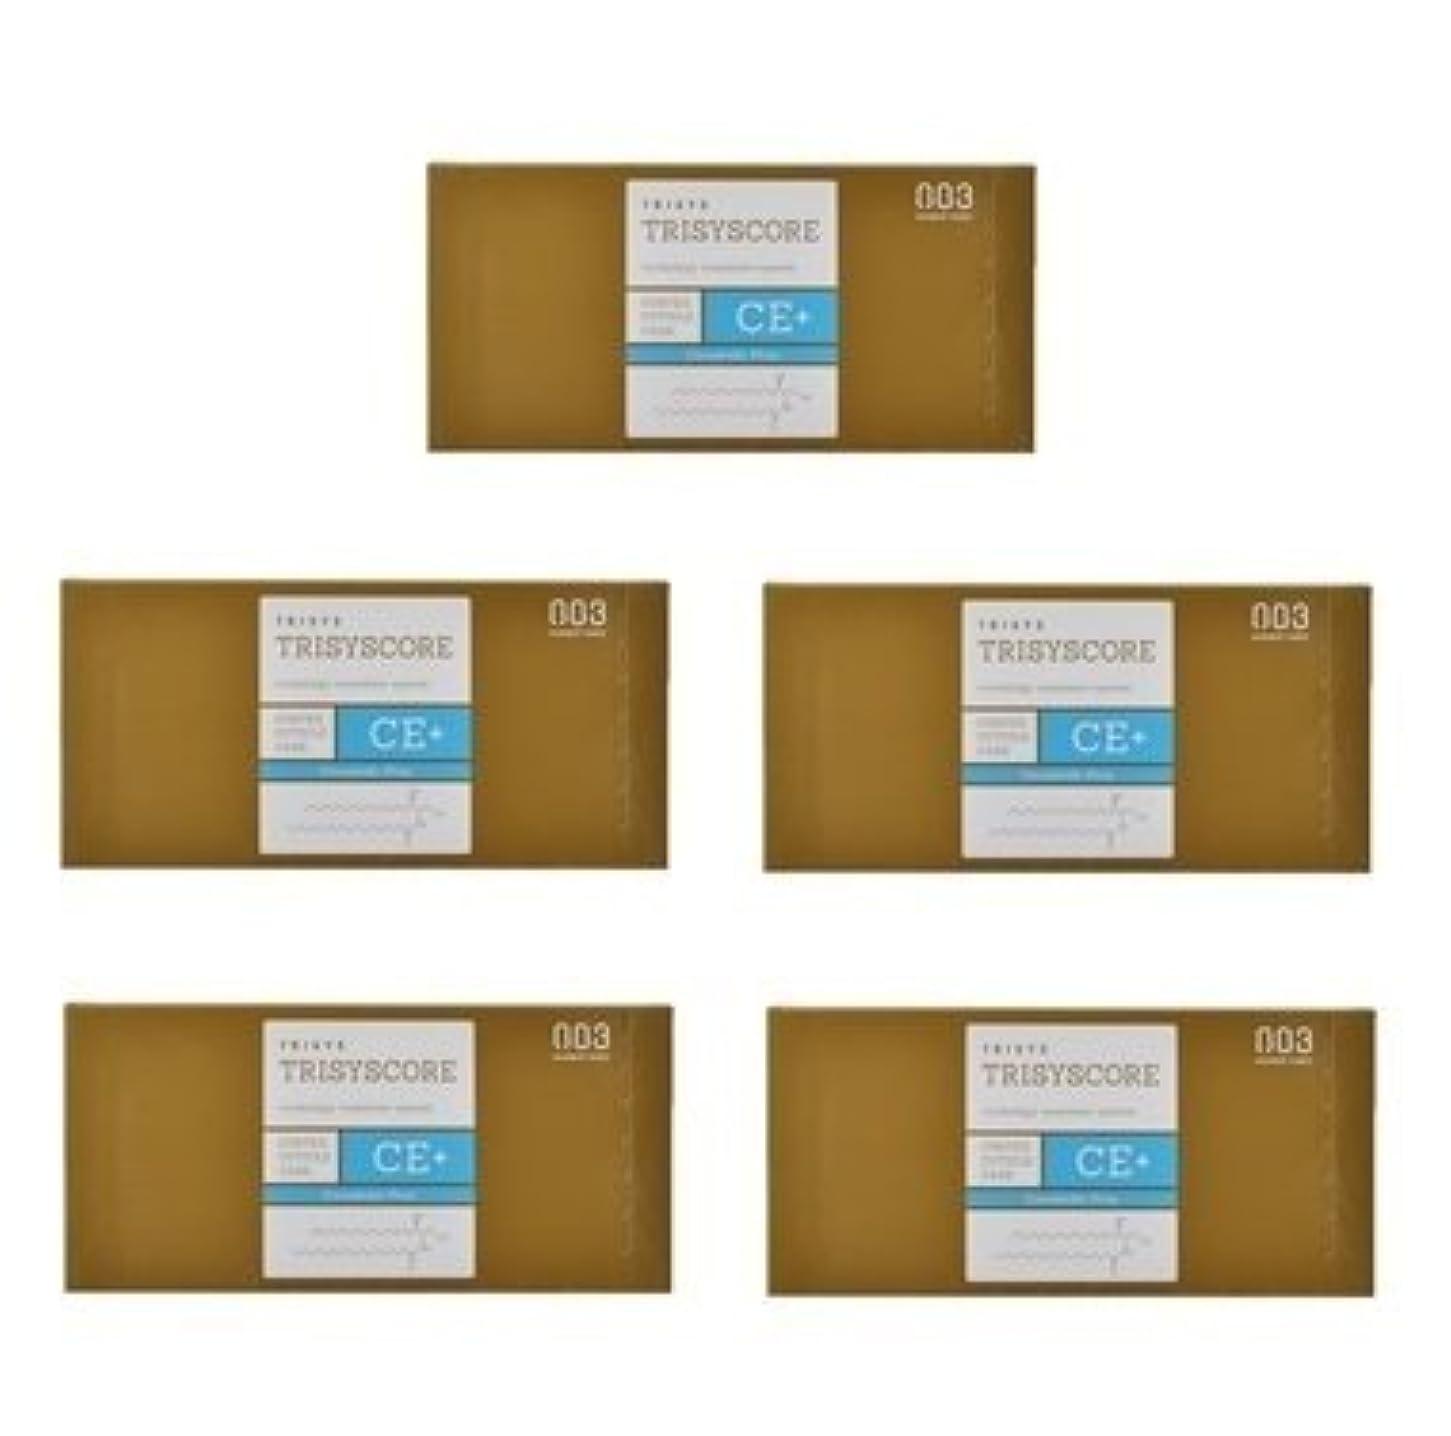 【X5個セット】ナンバースリー トリシスコア CEプラス (ヘアトリートメント) 12g × 4包入り